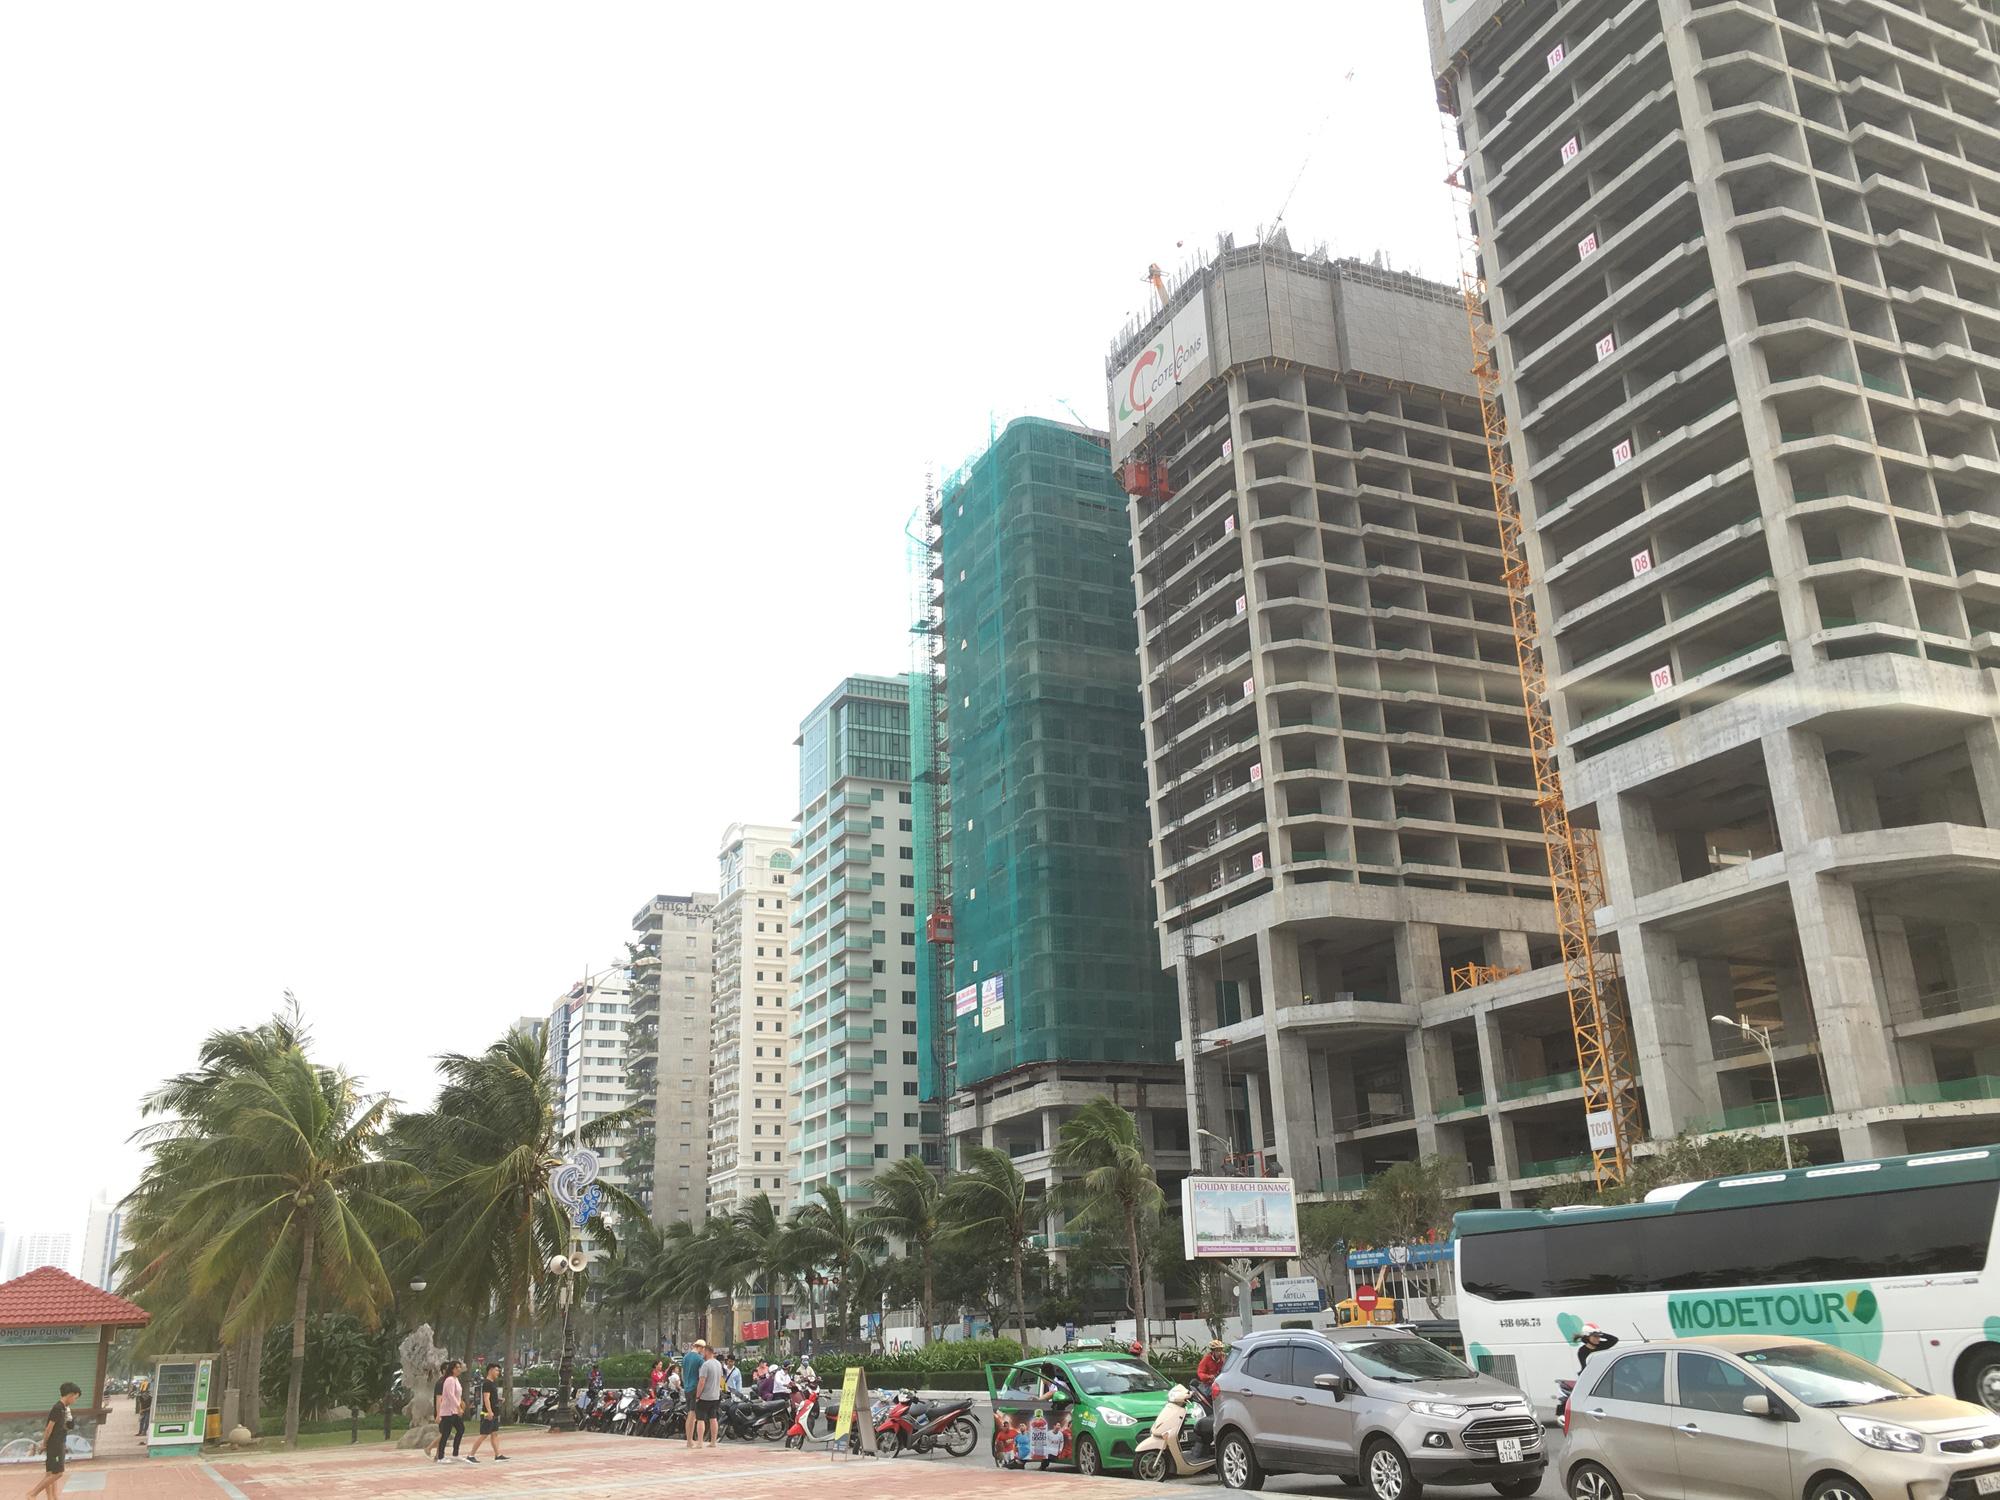 Đà Nẵng ngăn ngừa lách luật xây dựng nhà siêu mỏng - Ảnh 1.